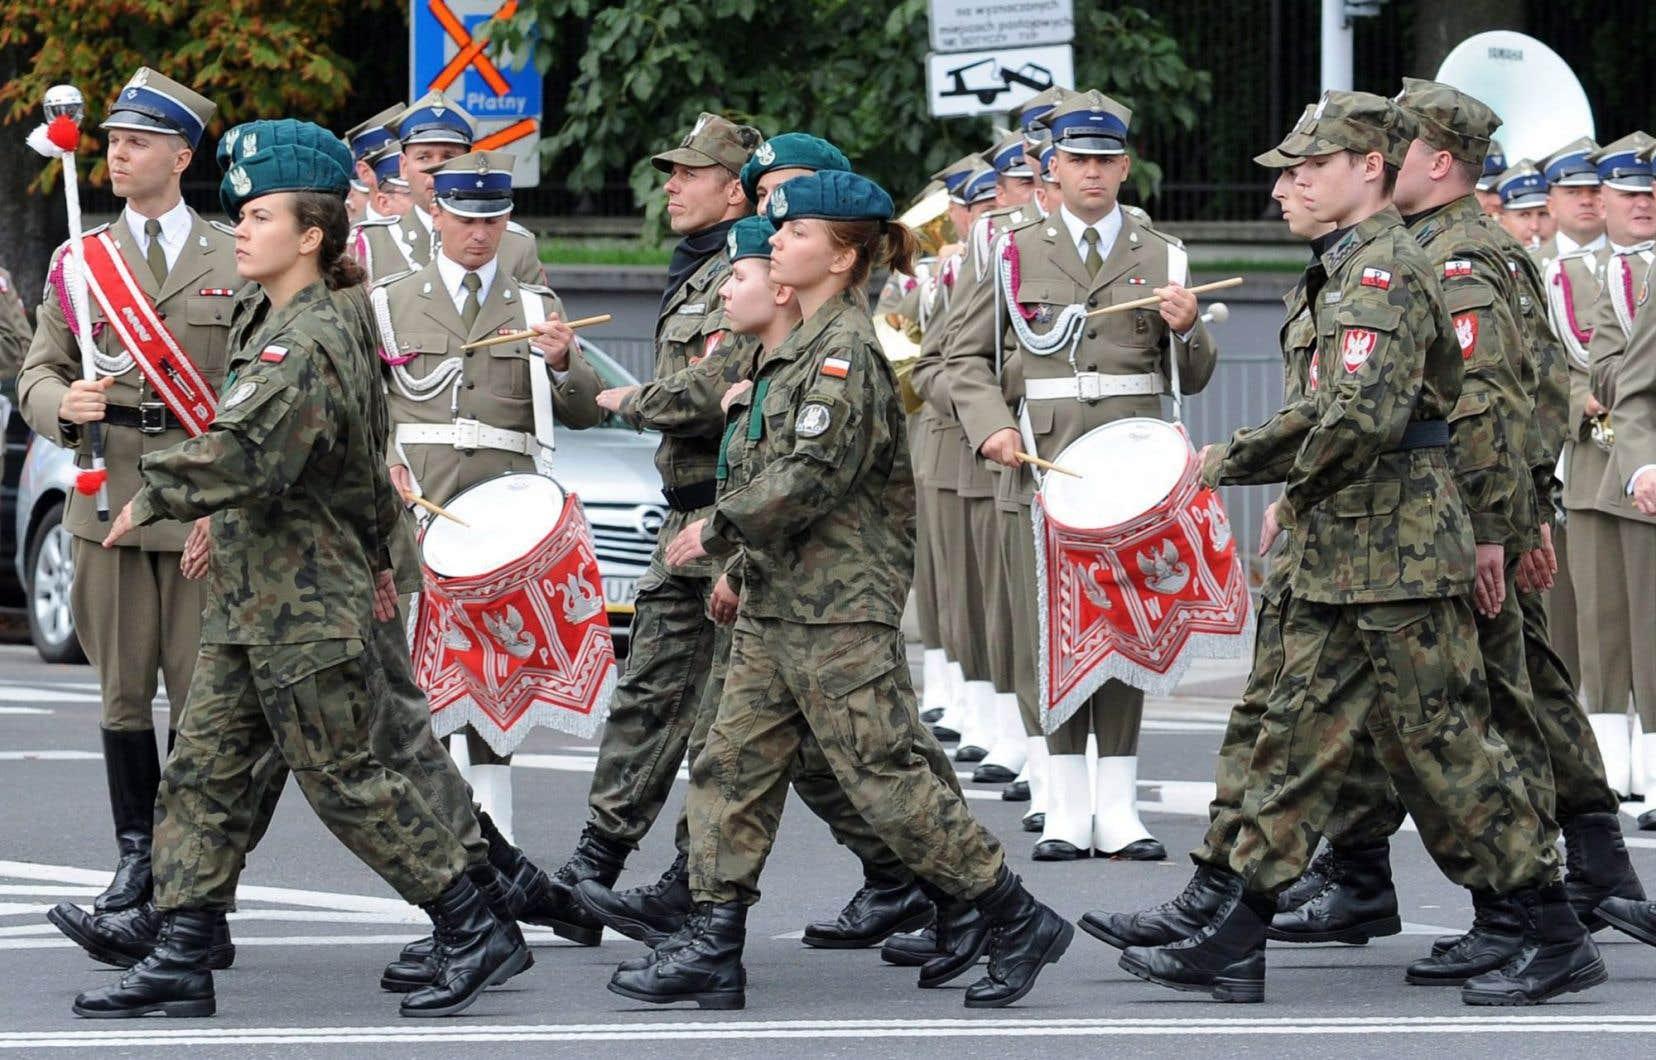 En légalisant sa toute nouvelle Armée de défense territoriale, la Pologne suit l'exemple de ses voisins, l'Estonie, la Lettonie et la Lituanie.